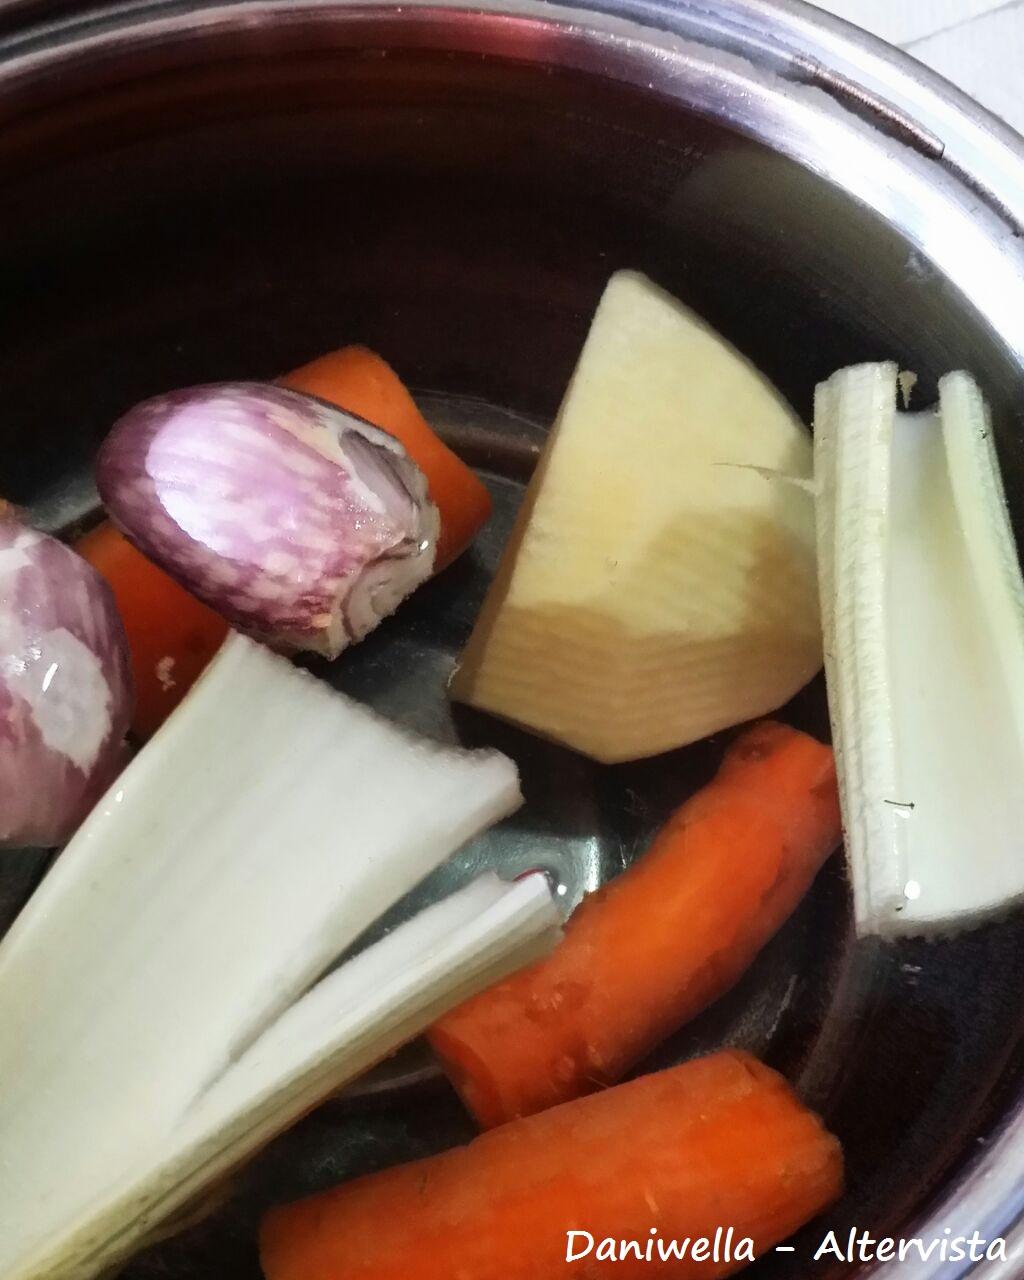 Se non volete usare il dado, procedete portando a bollore 1 litro d'acqua con le verdure per il brodo vegetale, appena comincia il bollore abbassate la fiamma e coprite con il coperchio e fate sobollire per 30 minuti, dopo di che salate.